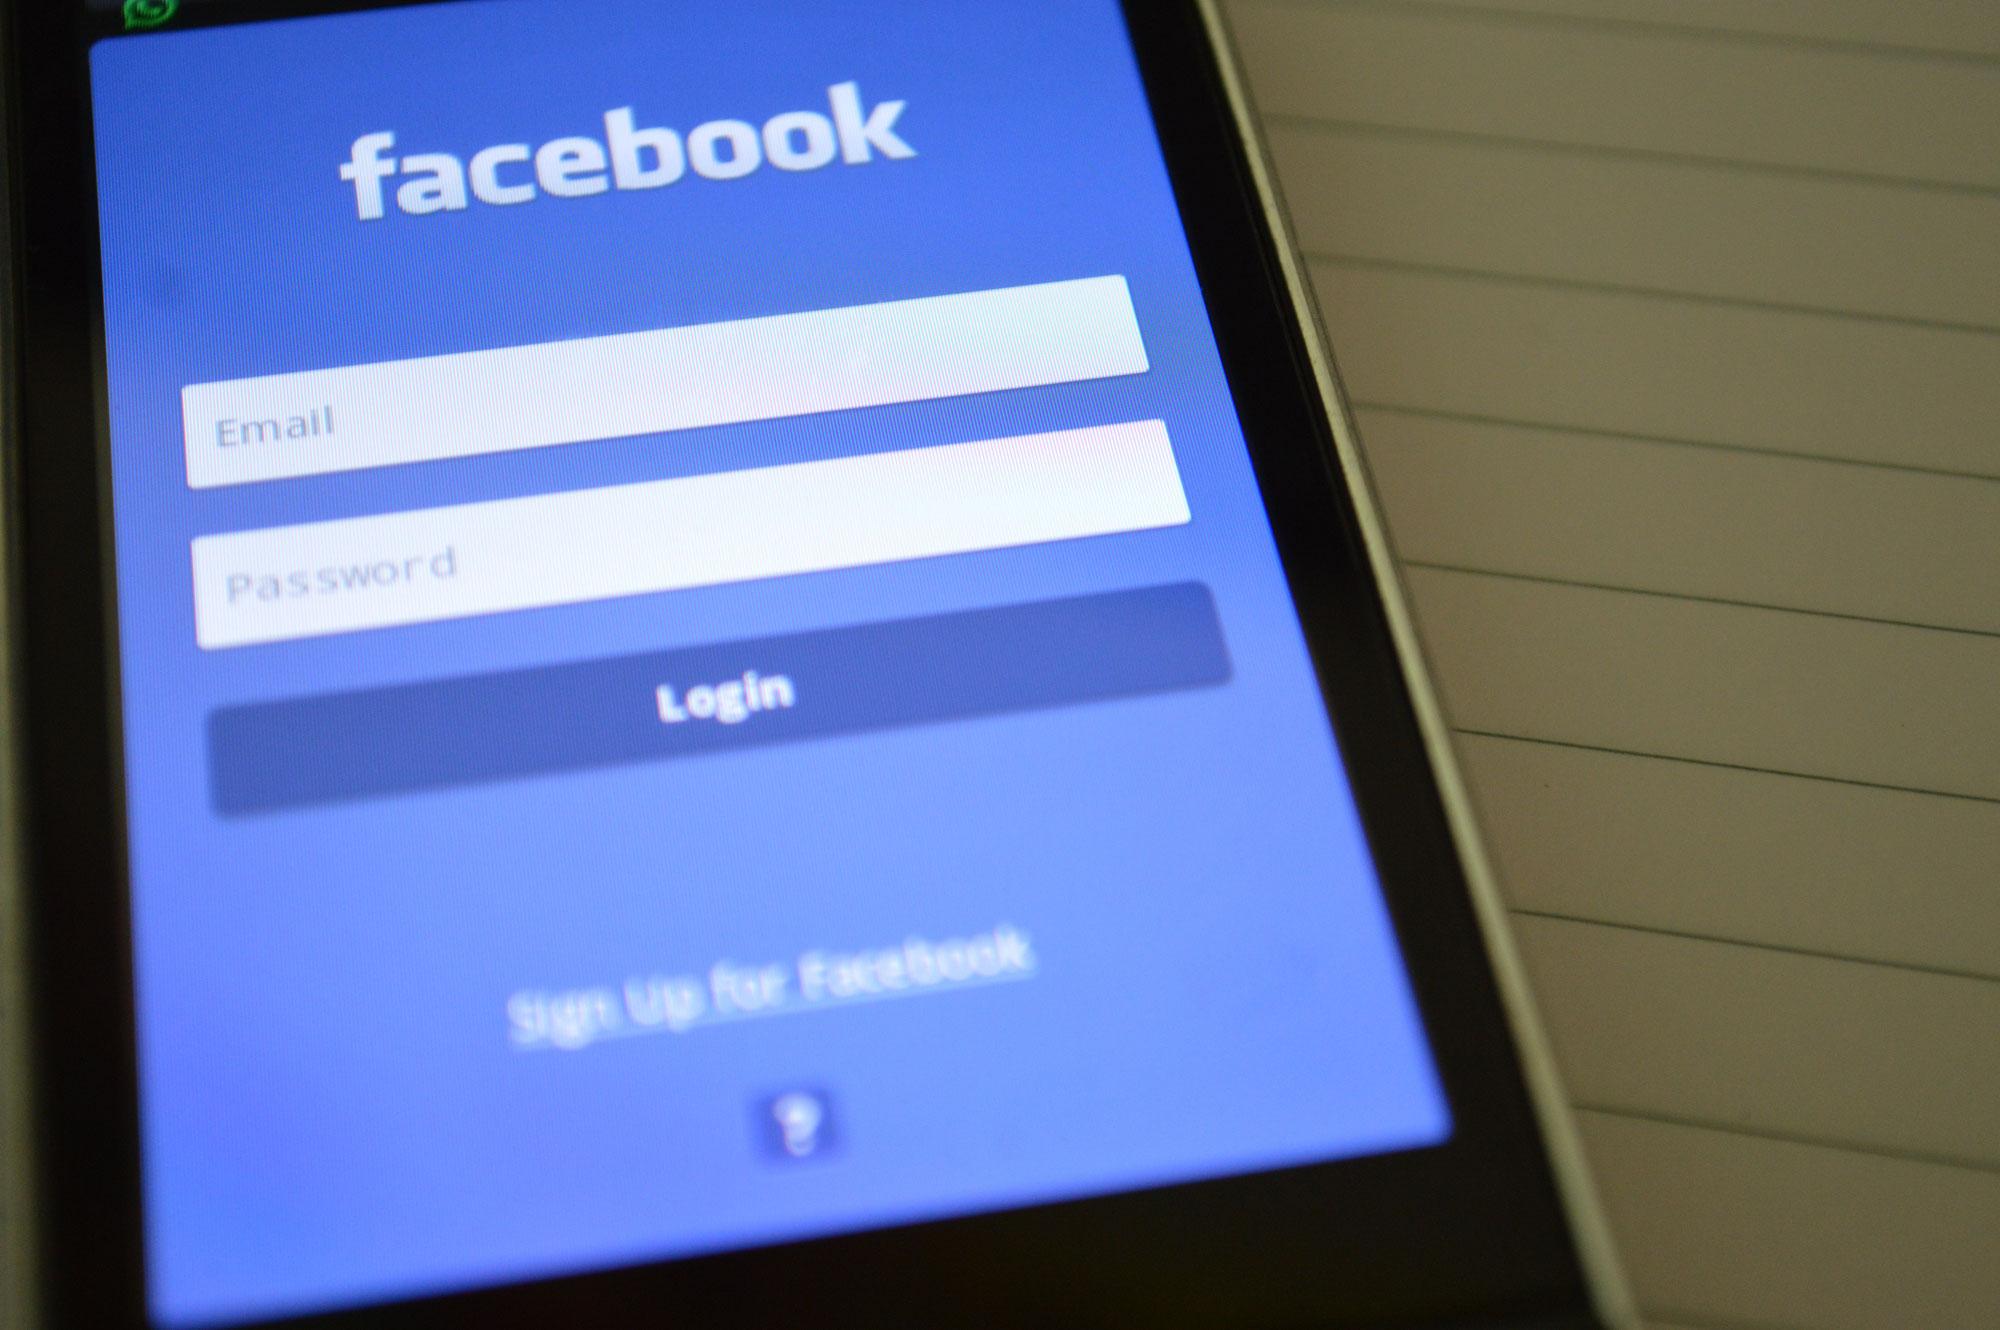 Facebook Seiten DSGVO-konform?